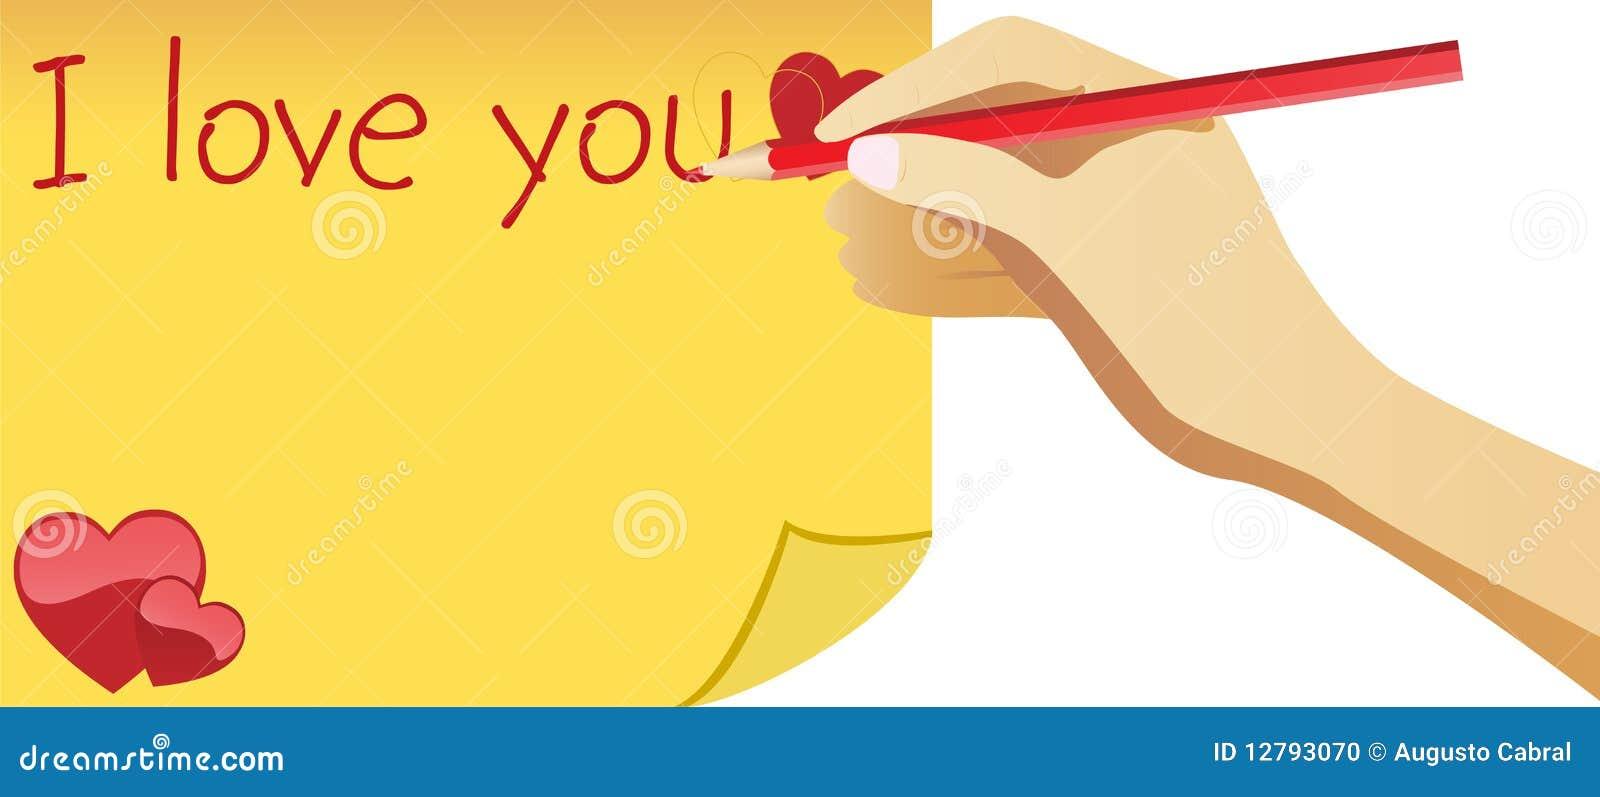 Handen älskar jag anmärkningswriting dig